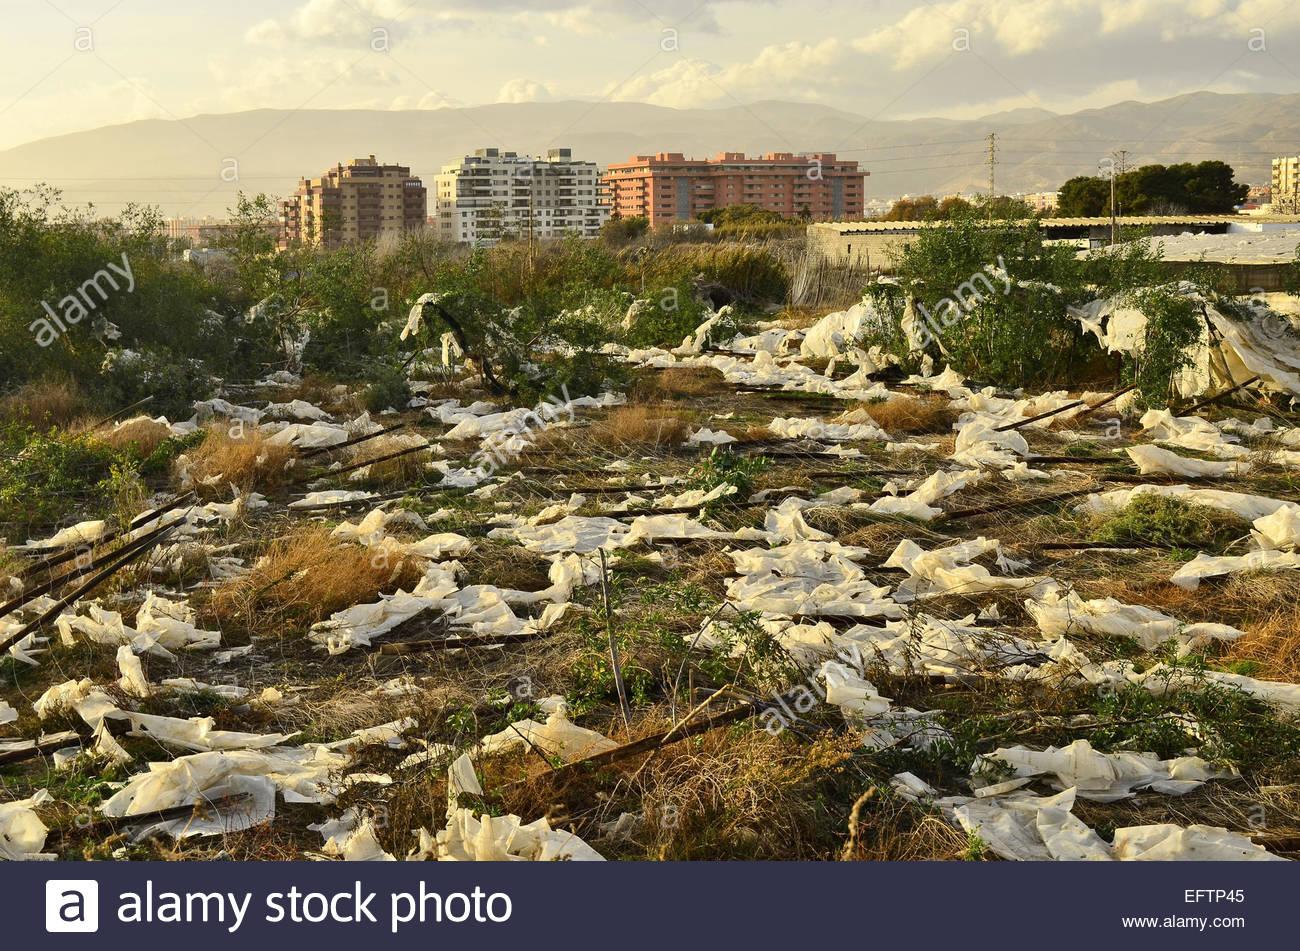 Les déchets plastiques provenant des serres laissés sur le terrain, Almeria Espagne du sud de l'Europe. Photo Stock